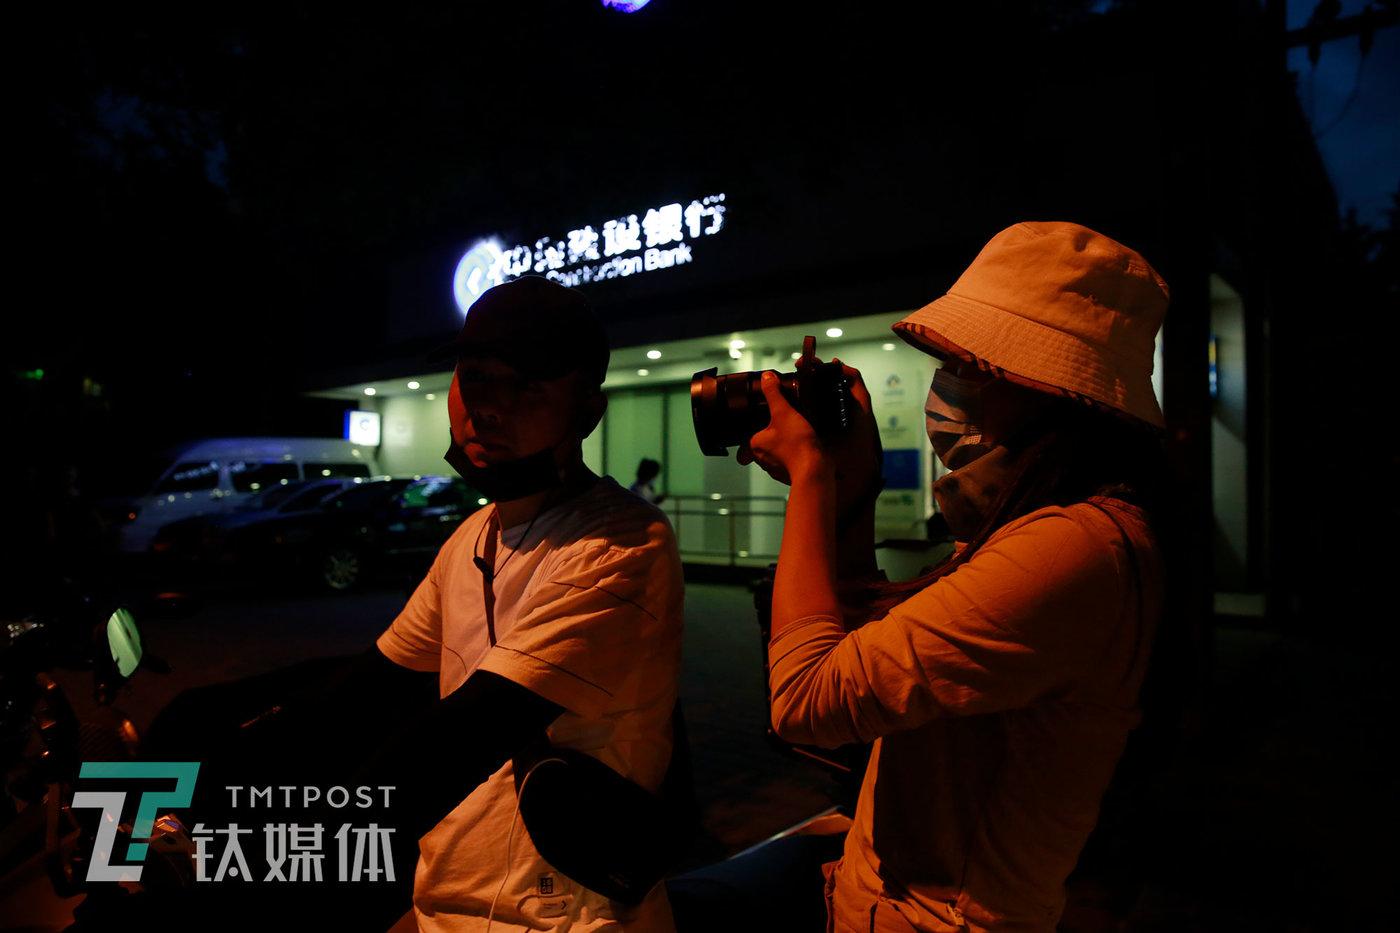 6月11日20:09,张弘一跟拍一名外卖骑手。